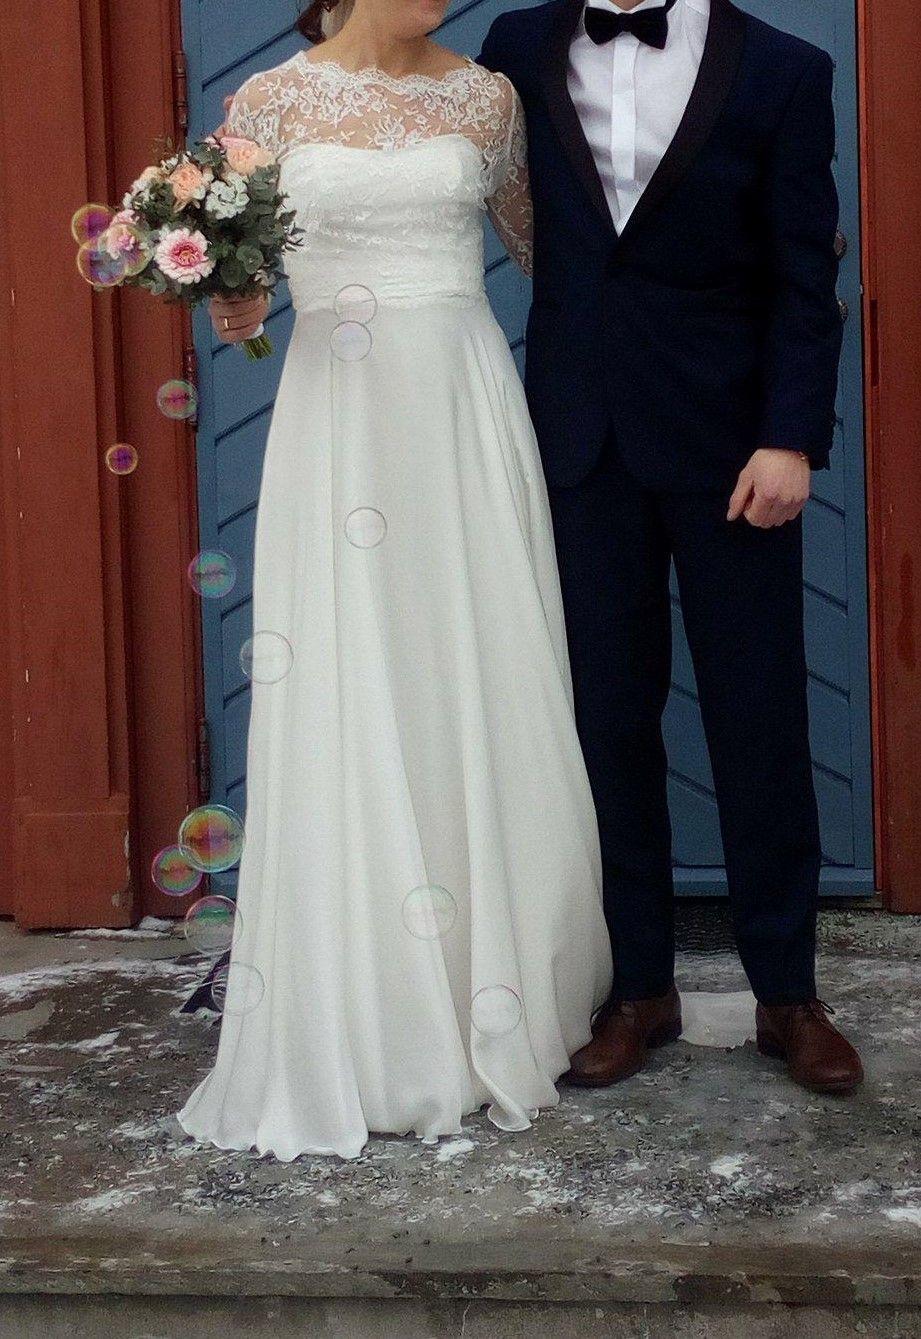 df8cac31 Nydelig og nett brudekjole selges | FINN.no